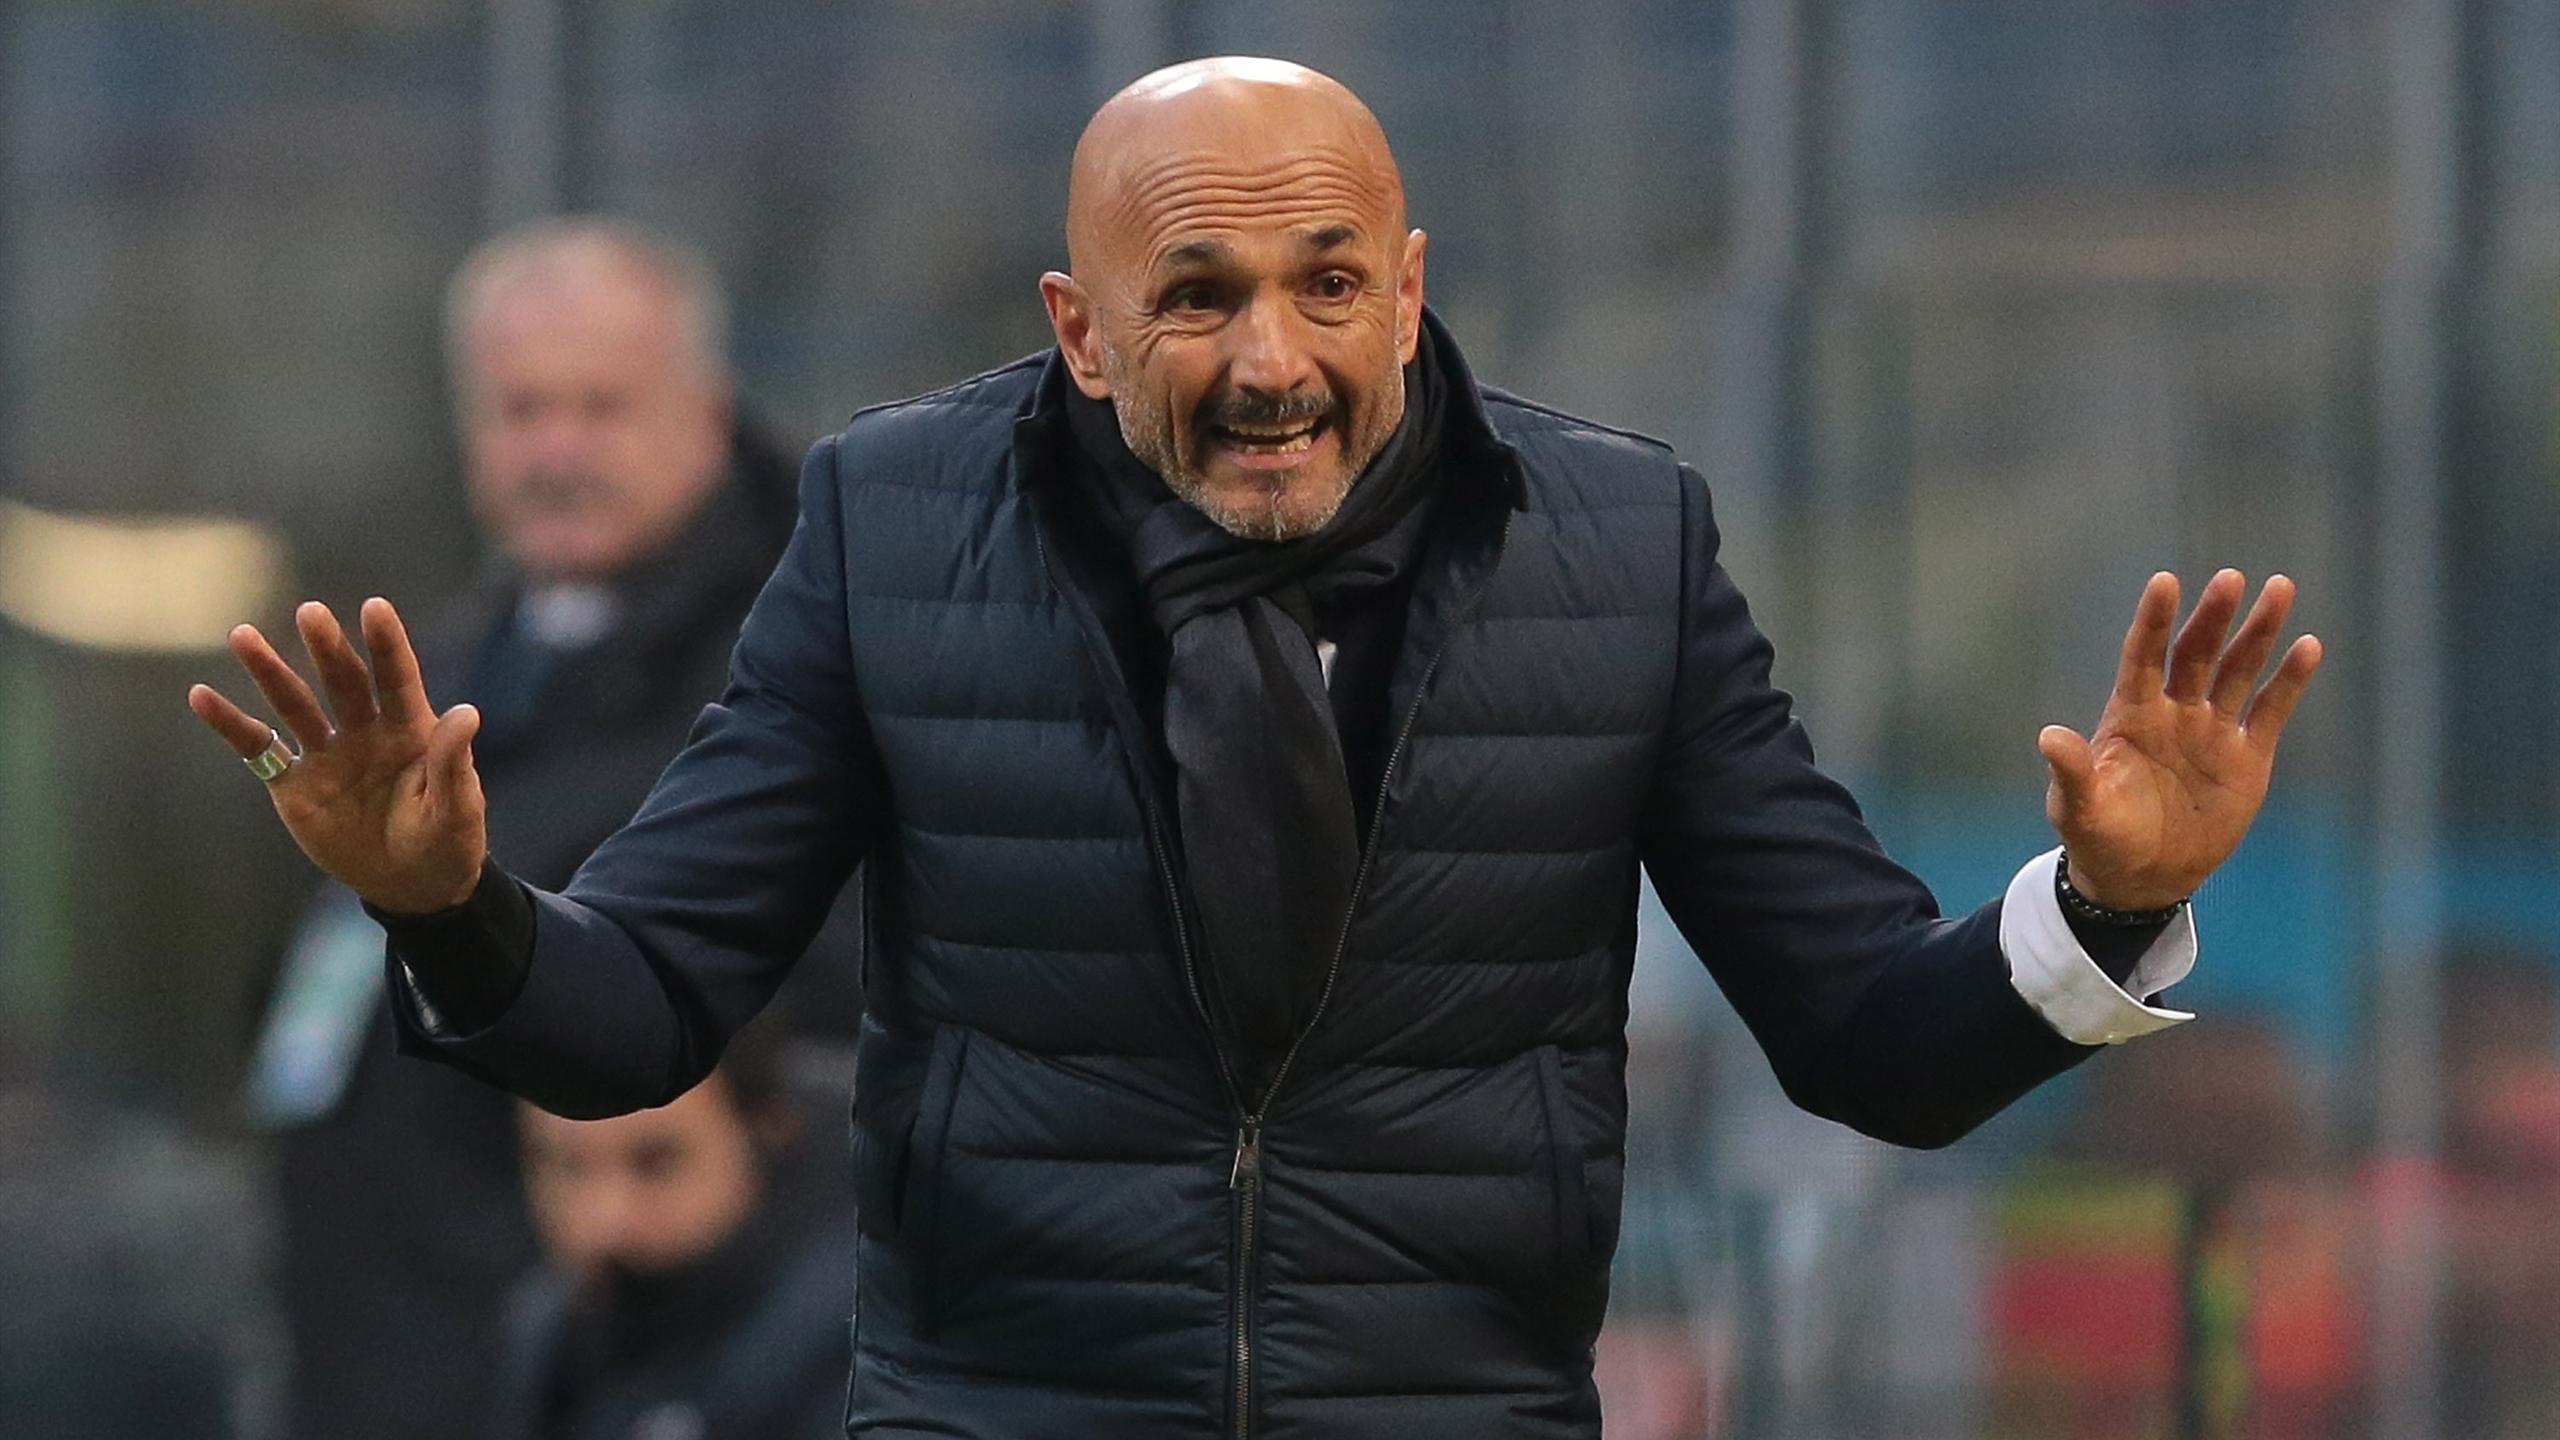 ИталиЯ футбол лучано спаллетти